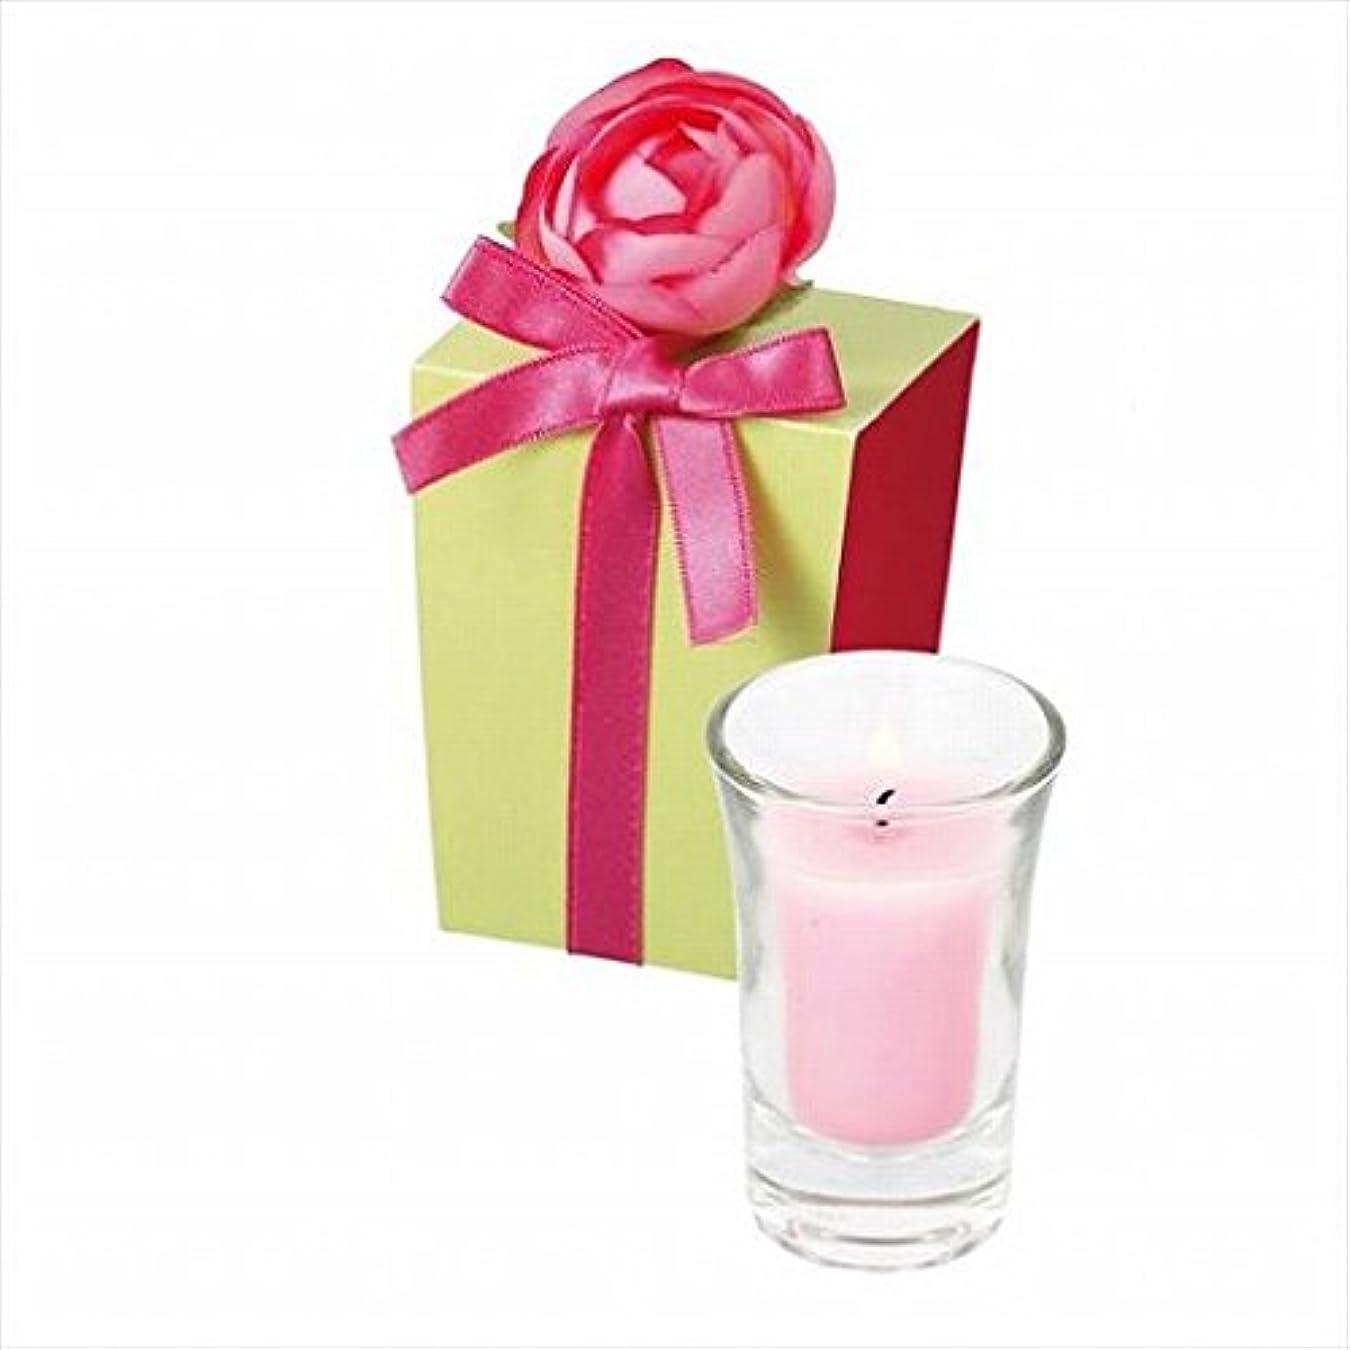 リンクウェイトレス怠なkameyama candle(カメヤマキャンドル) ラナンキュラスグラスキャンドル 「 ピンク 」(A9390500PK)